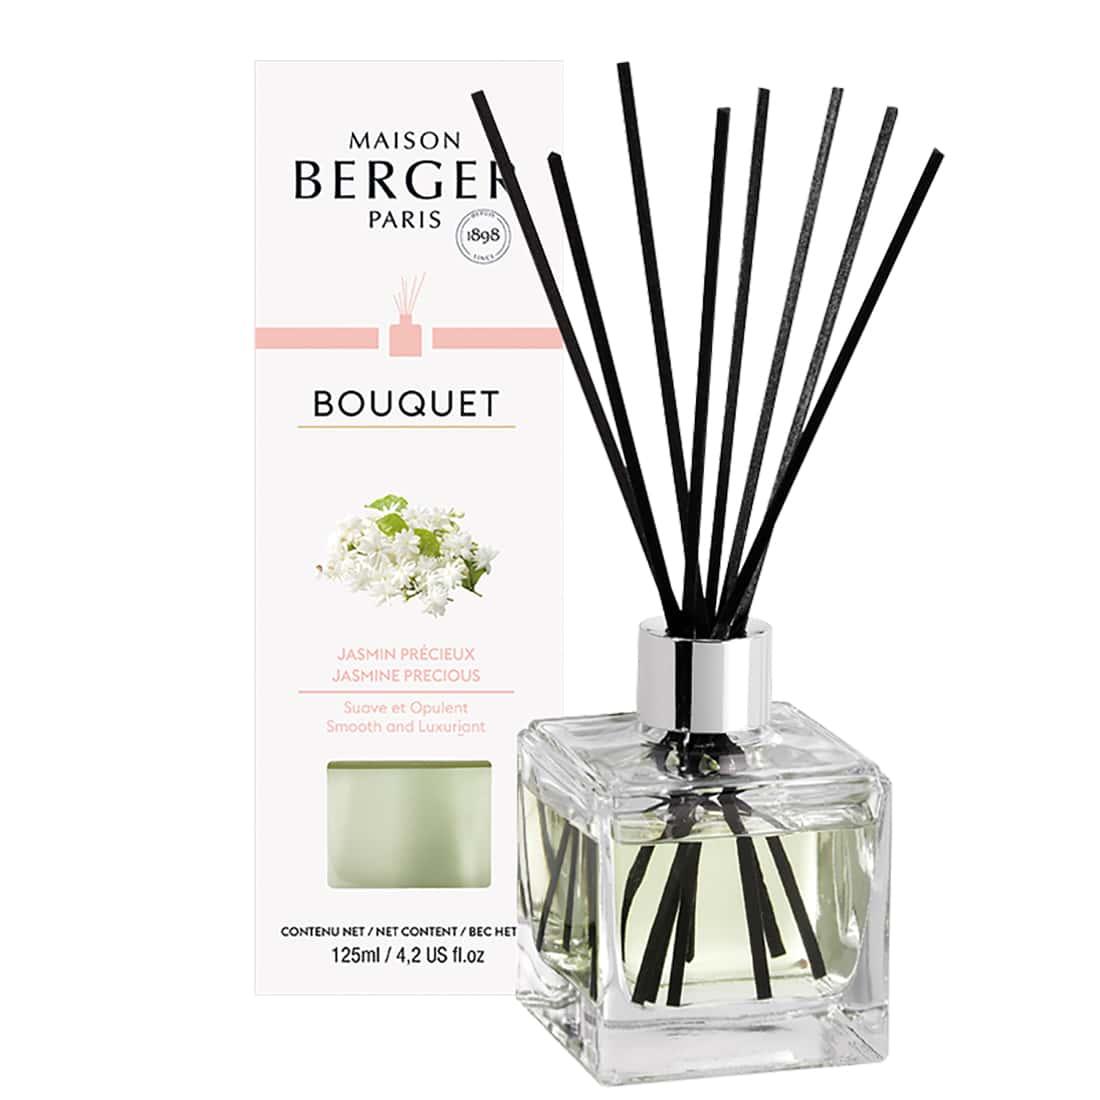 Photo de Bouquet Parfumé Maison Berger Jasmin Précieux